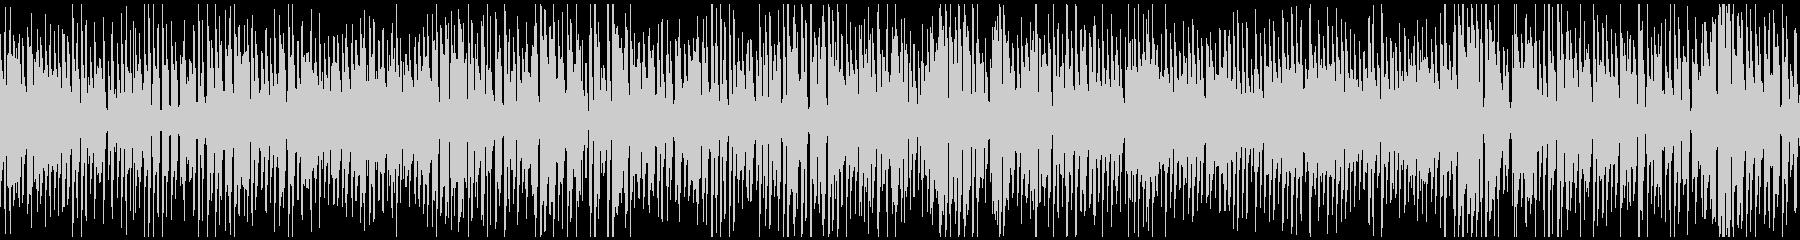 レトロジャズ、ジプシースイング※ループ版の未再生の波形